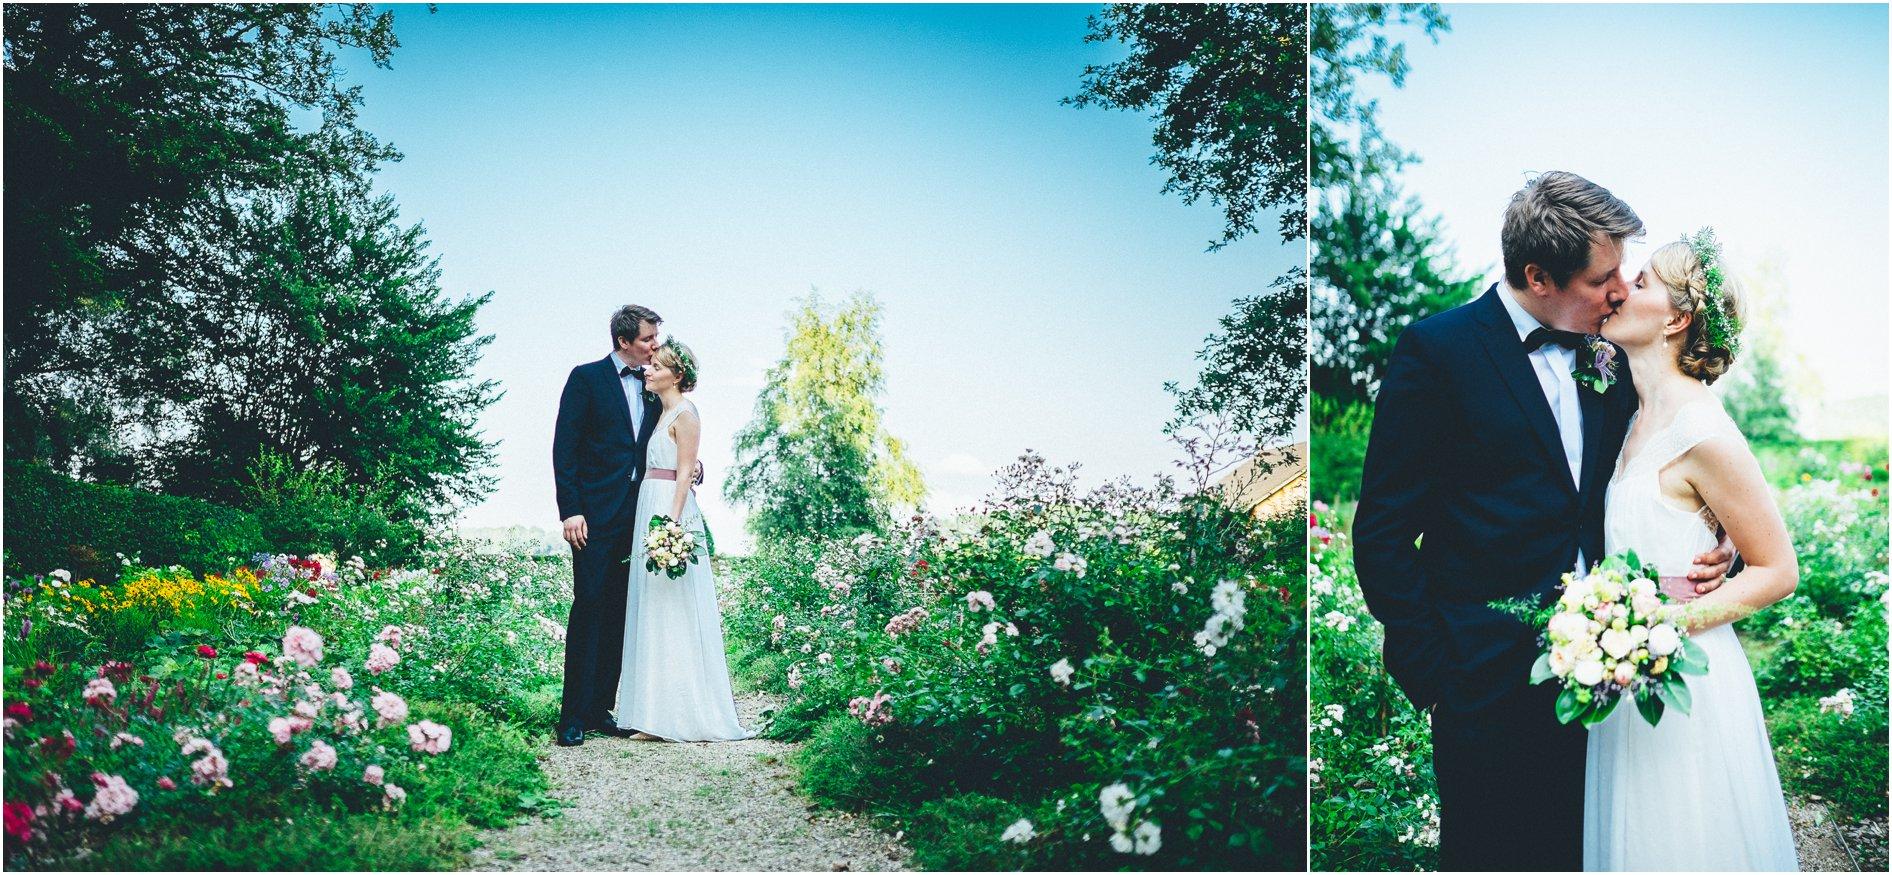 2014-10-13_0106 Jenny & Matthias - Hochzeitsfotograf auf Gut Bardenhagen